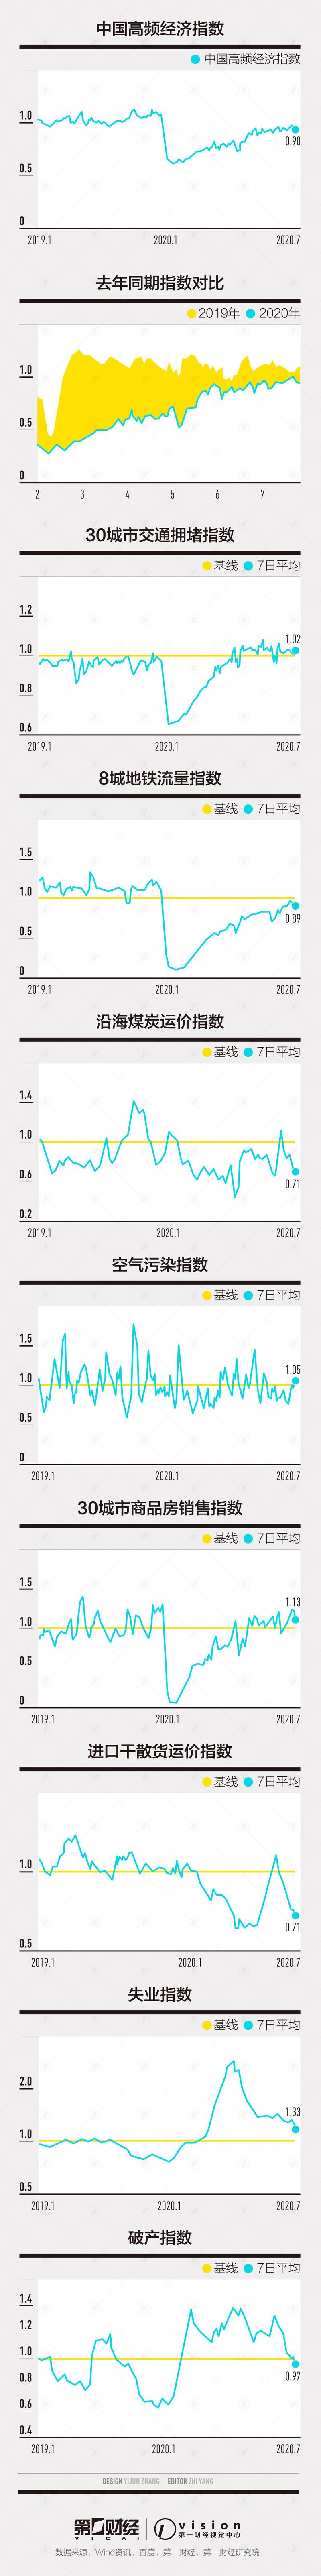 指数小幅下降,外需表现不佳|第一财经中国高频经济活动指数